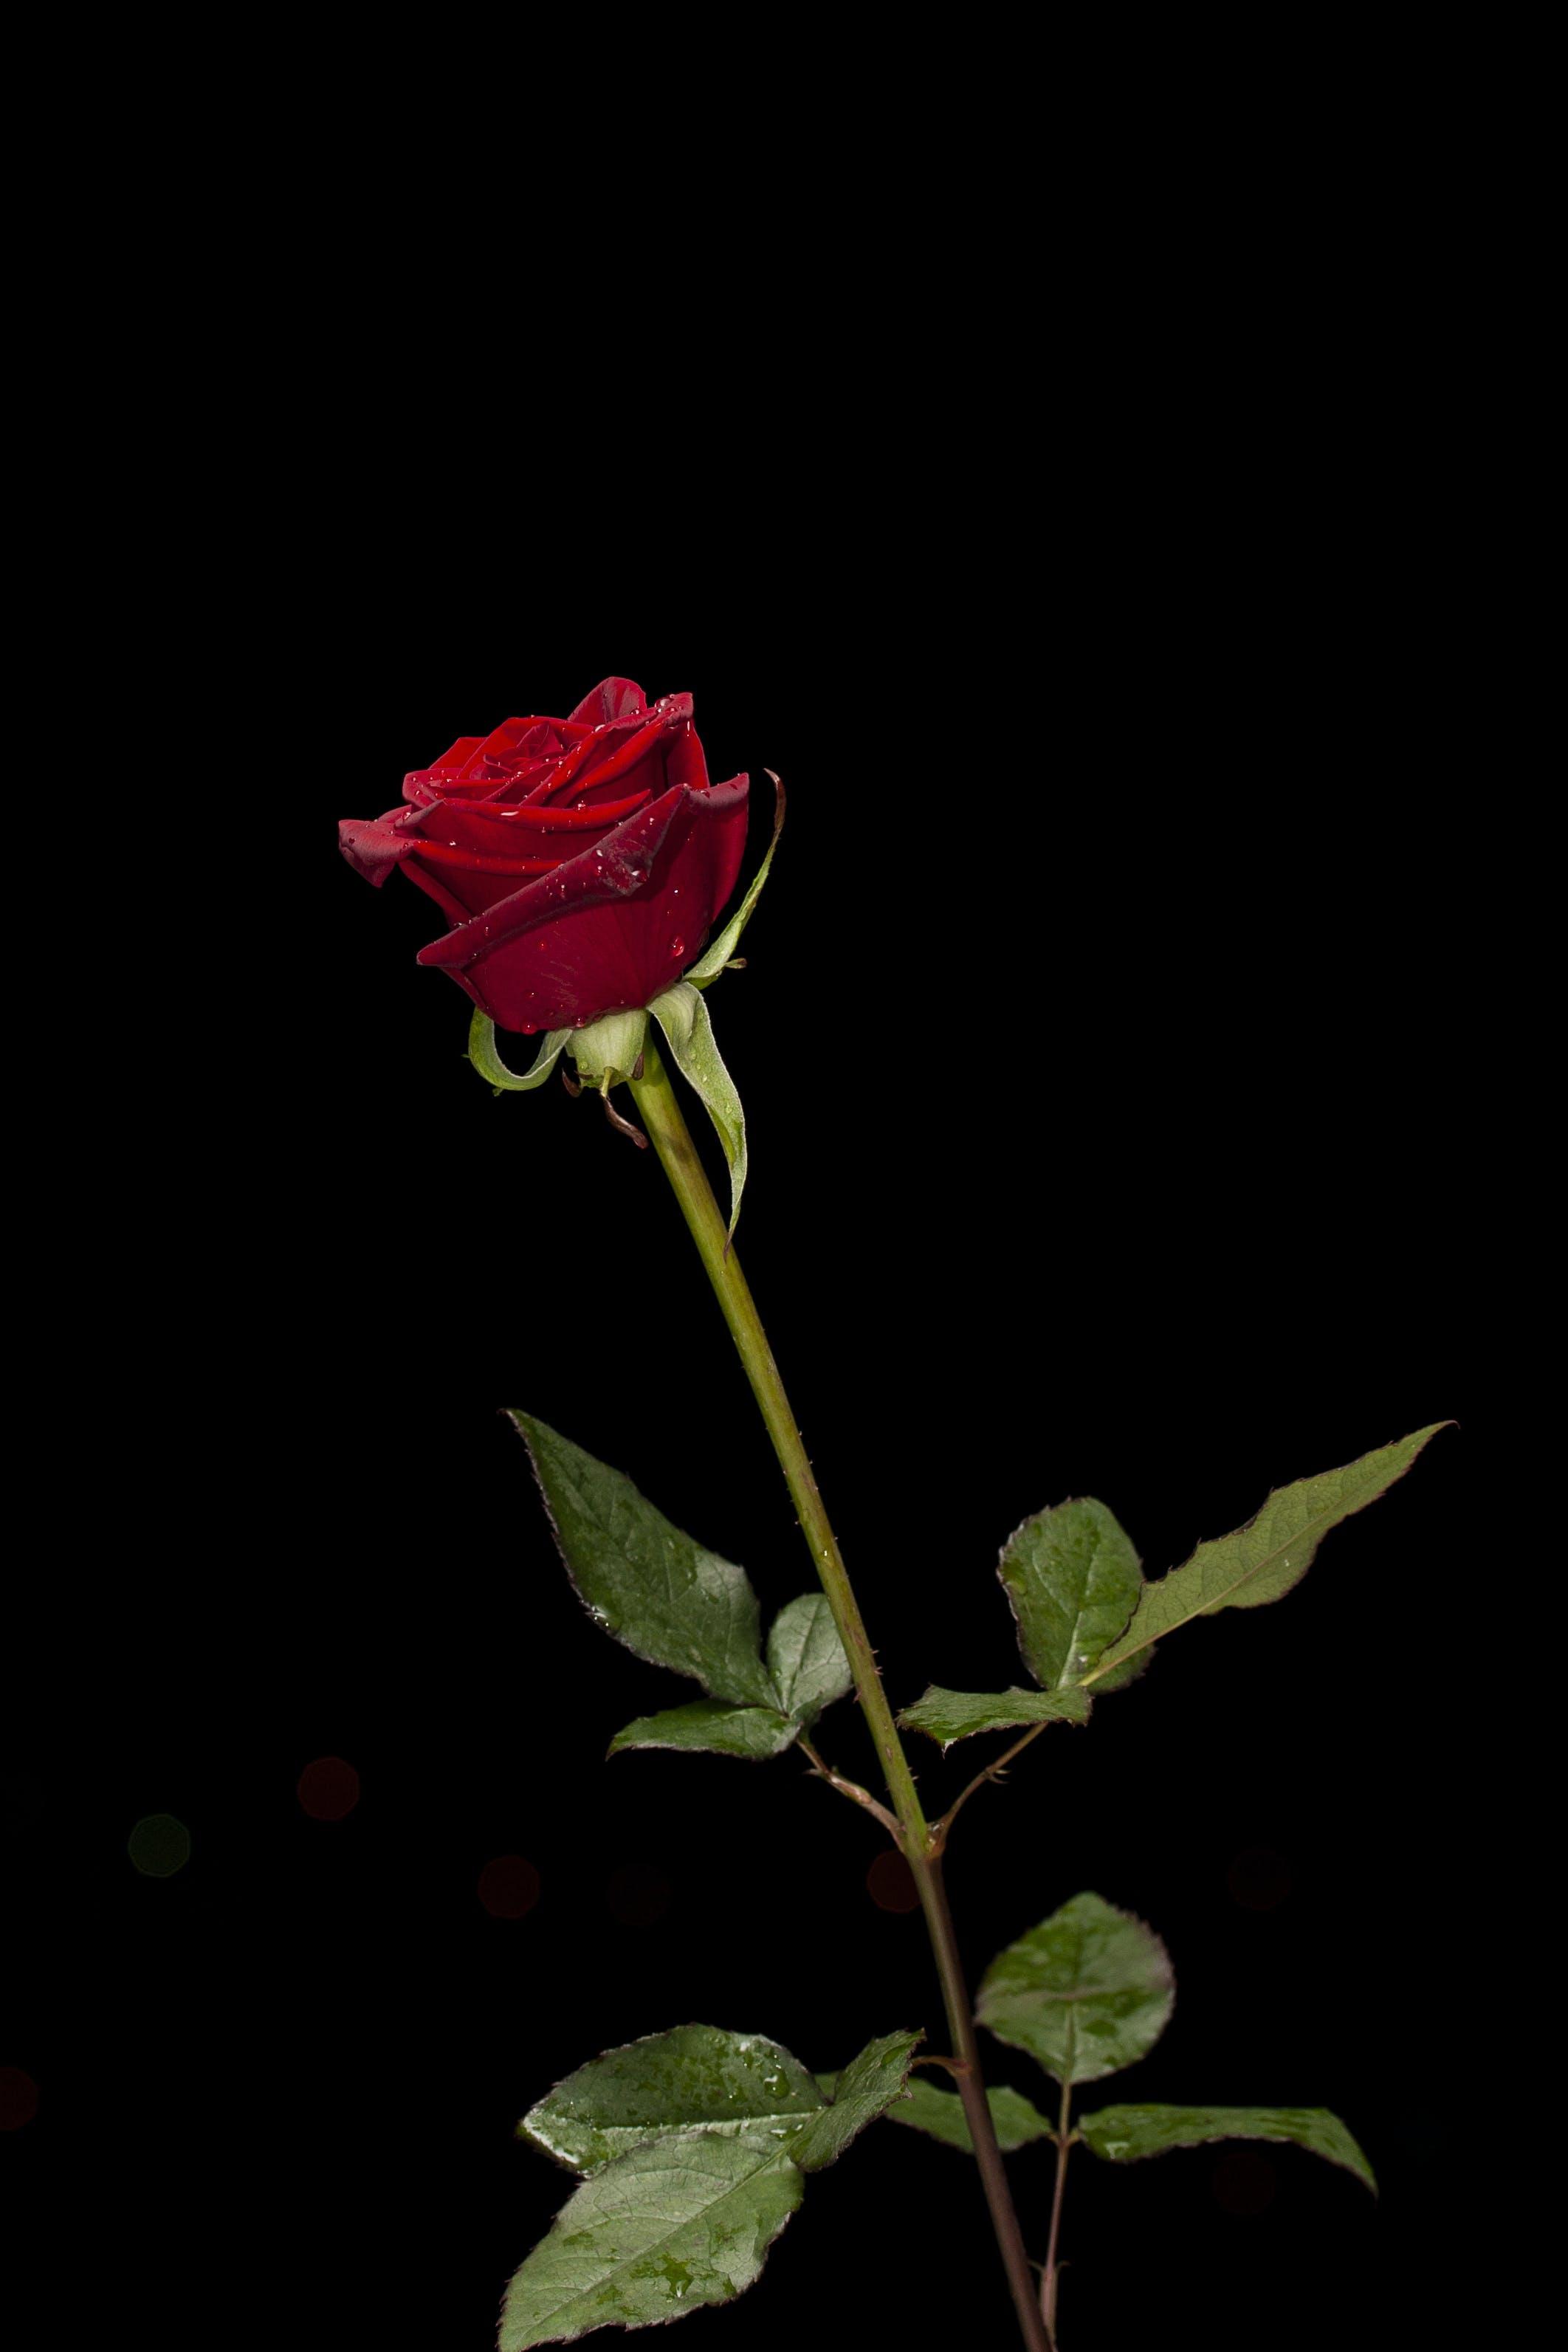 꽃이 피는, 꽃잎, 붉은 장미, 사랑의 무료 스톡 사진